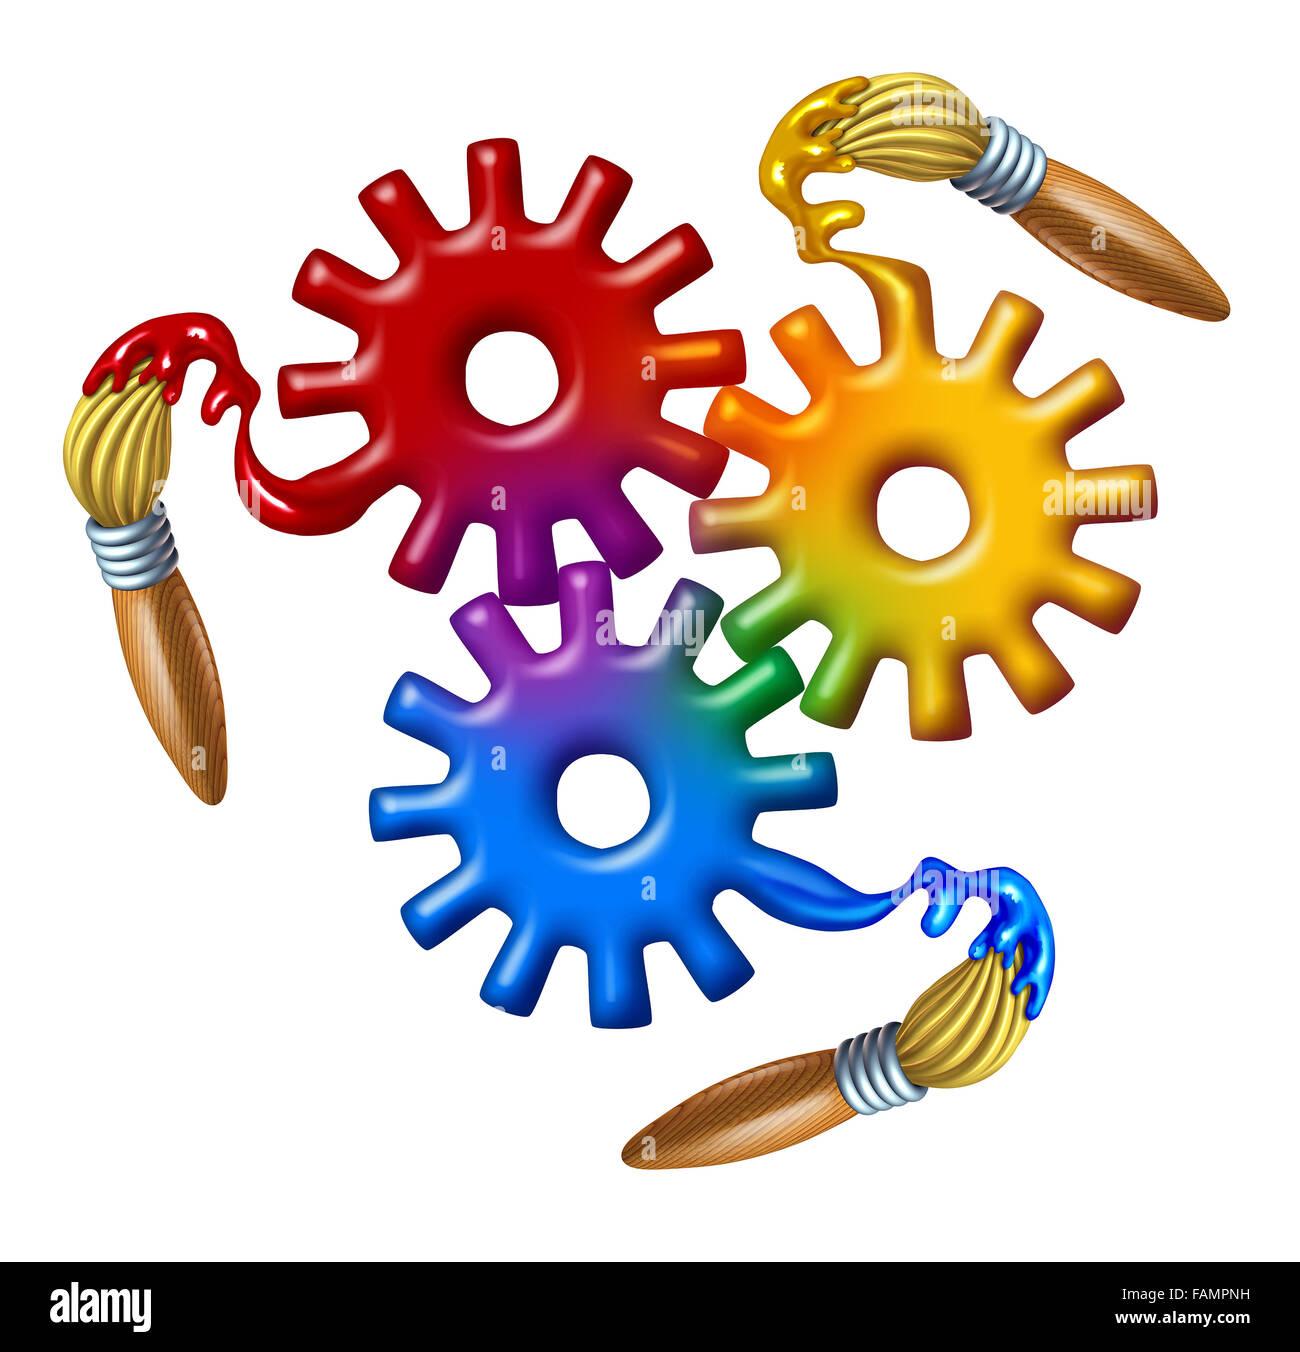 Arte y negocios símbolo y teoría del color icono como un grupo de engranajes y ruedas dentadas de color Imagen De Stock